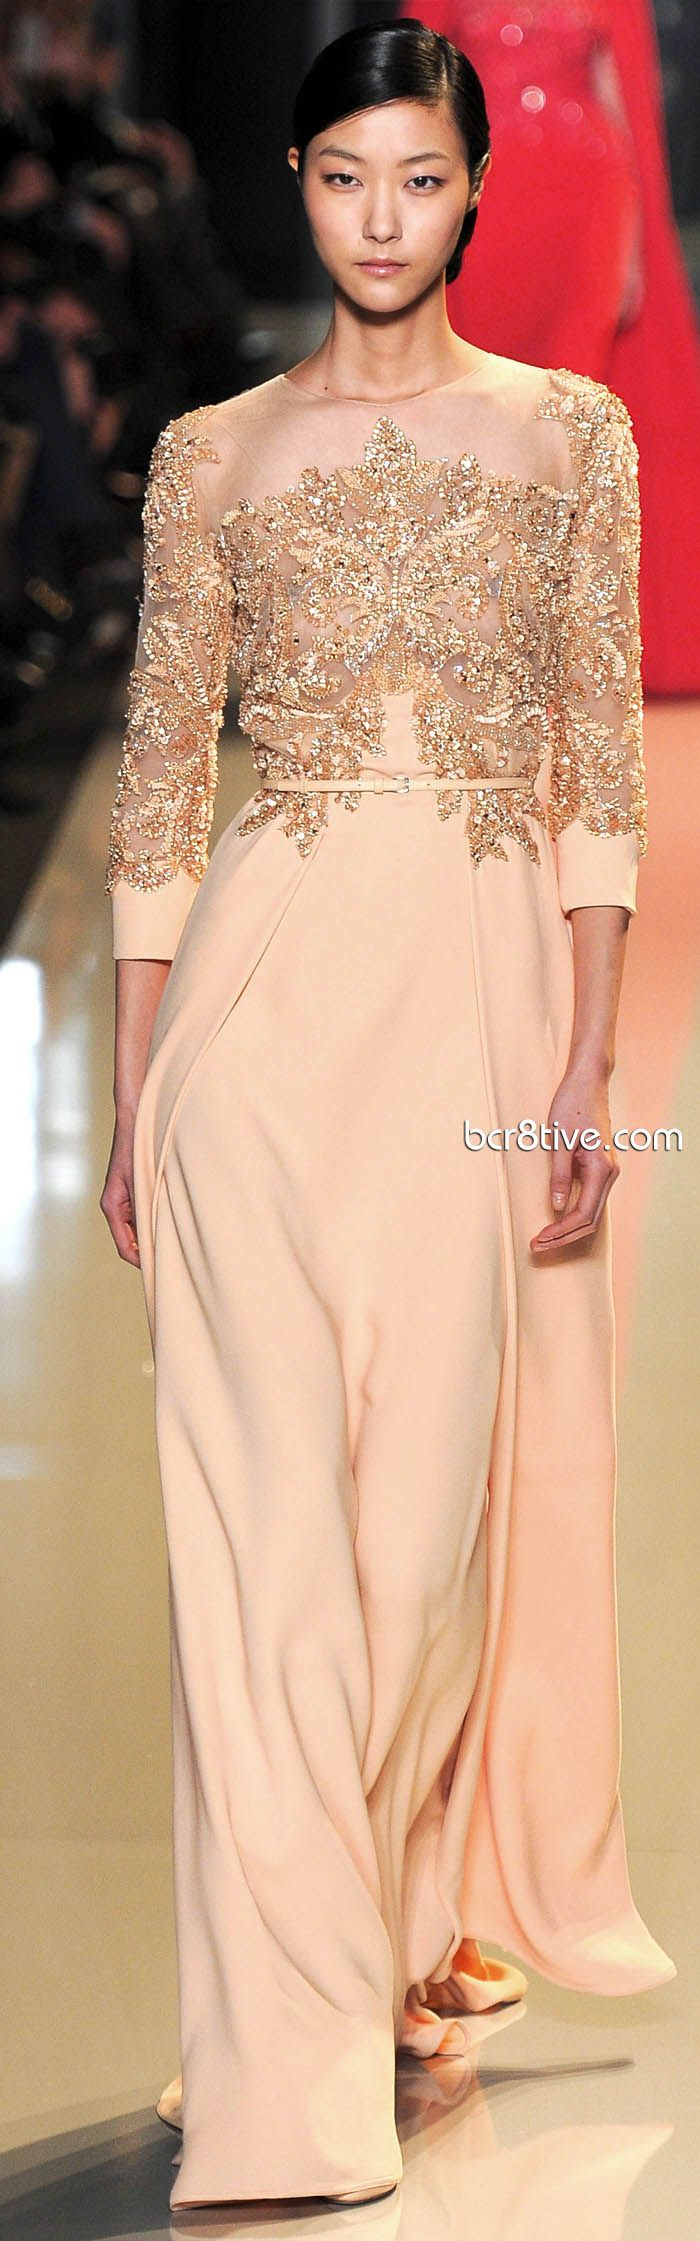 7dcf6e580de62 〘 طلبات الأزيـاء ~ fashion requests 〙  الارشيف  - الصفحة رقم 18 - منتديات  شبكة الإقلاع ®